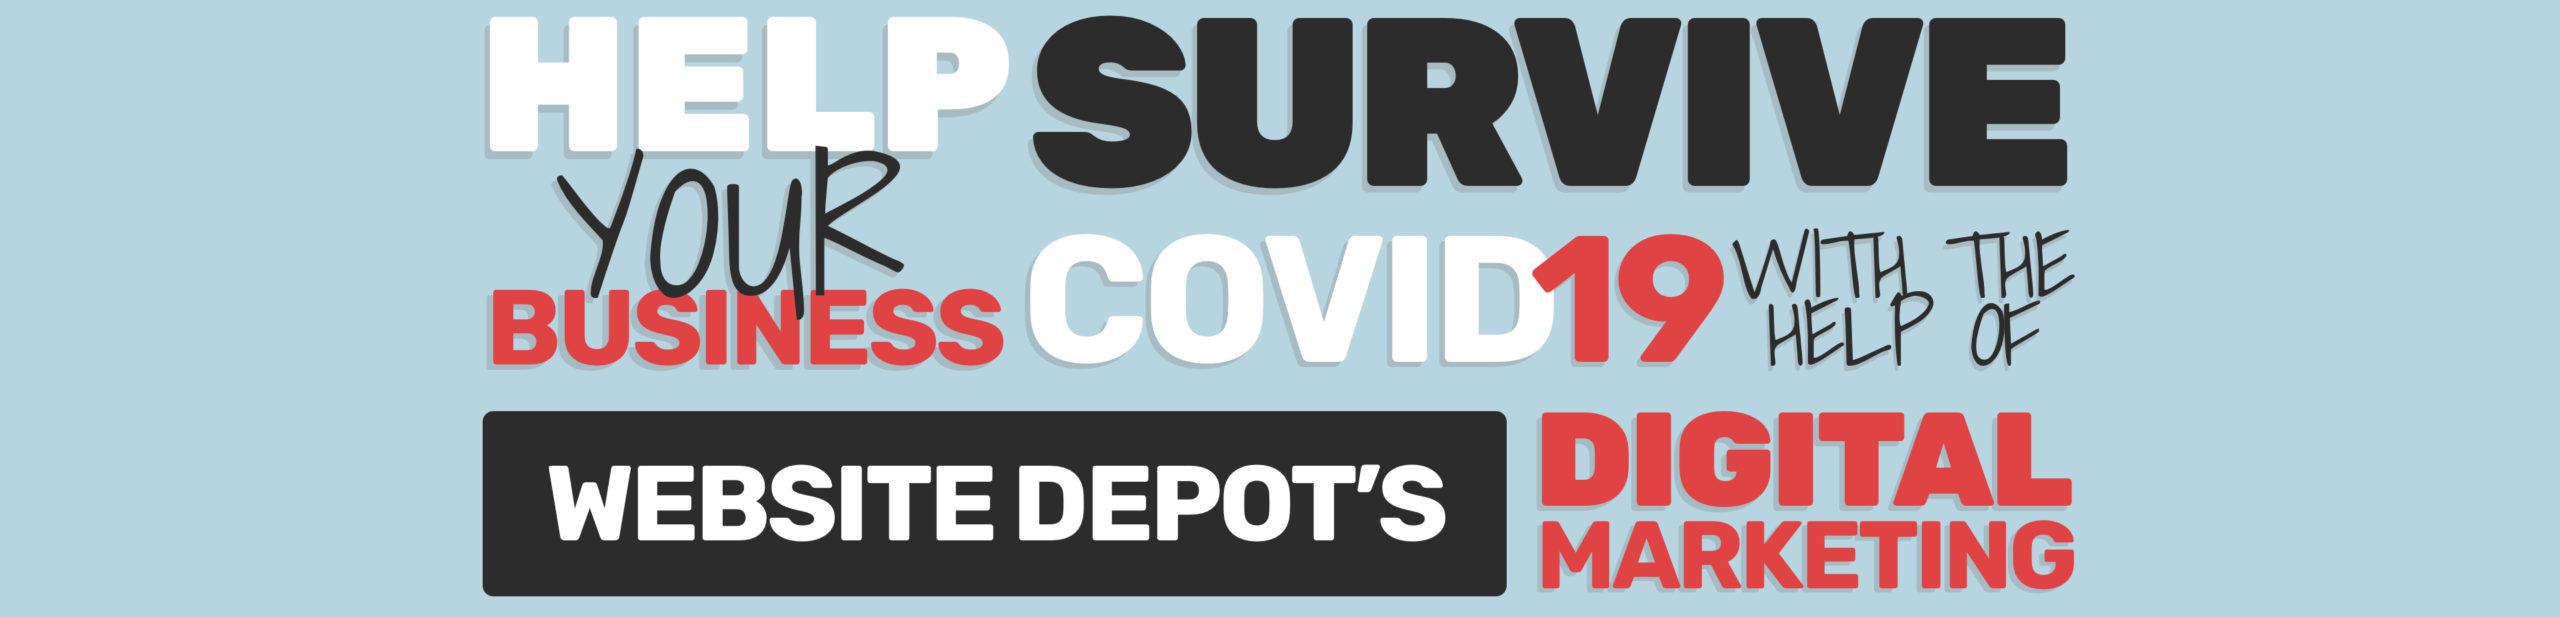 survive covid hero